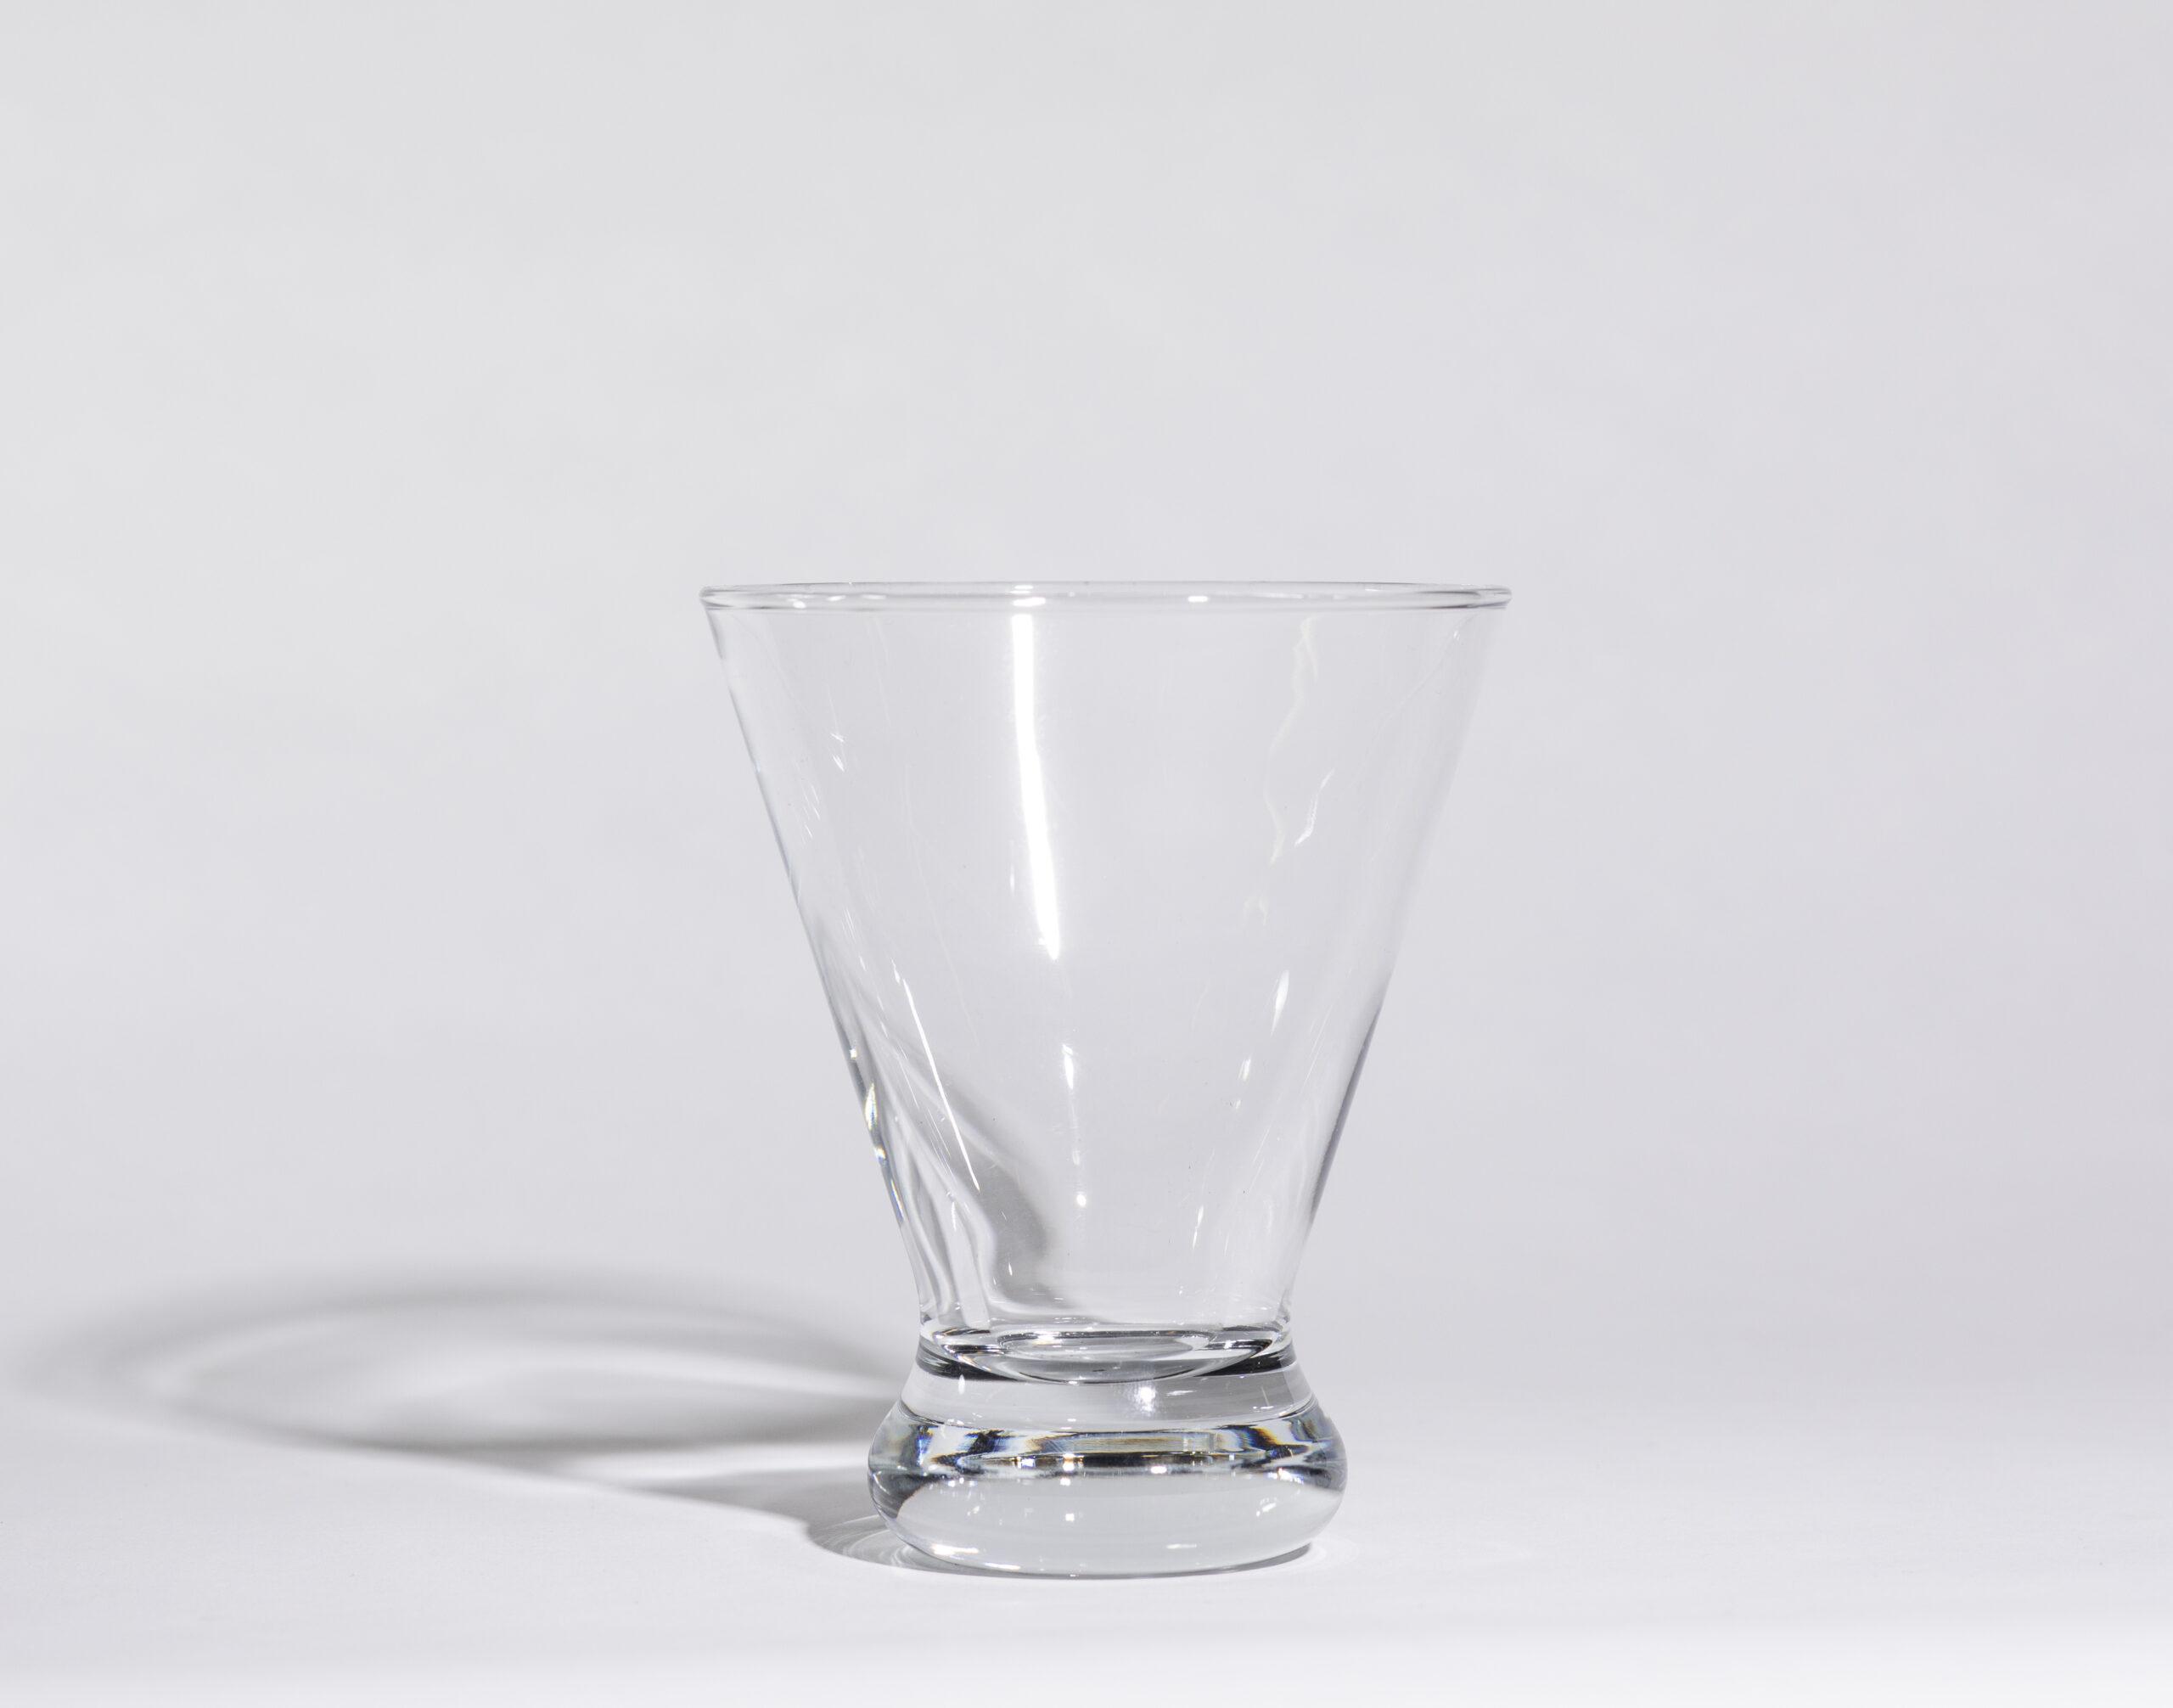 Cosmopolitan glasses (10oz)